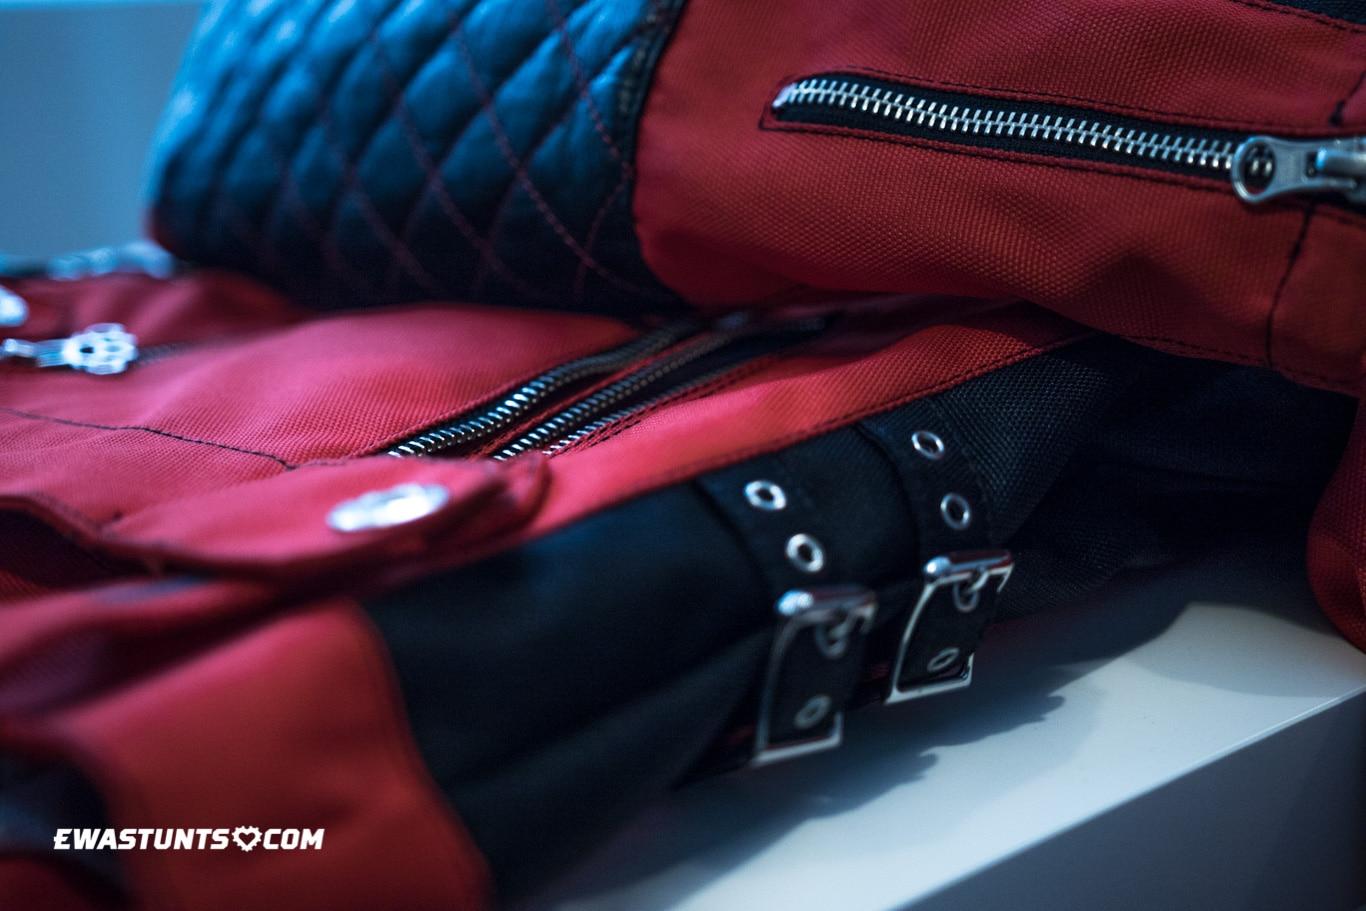 ewastunts_icon_jacket-3